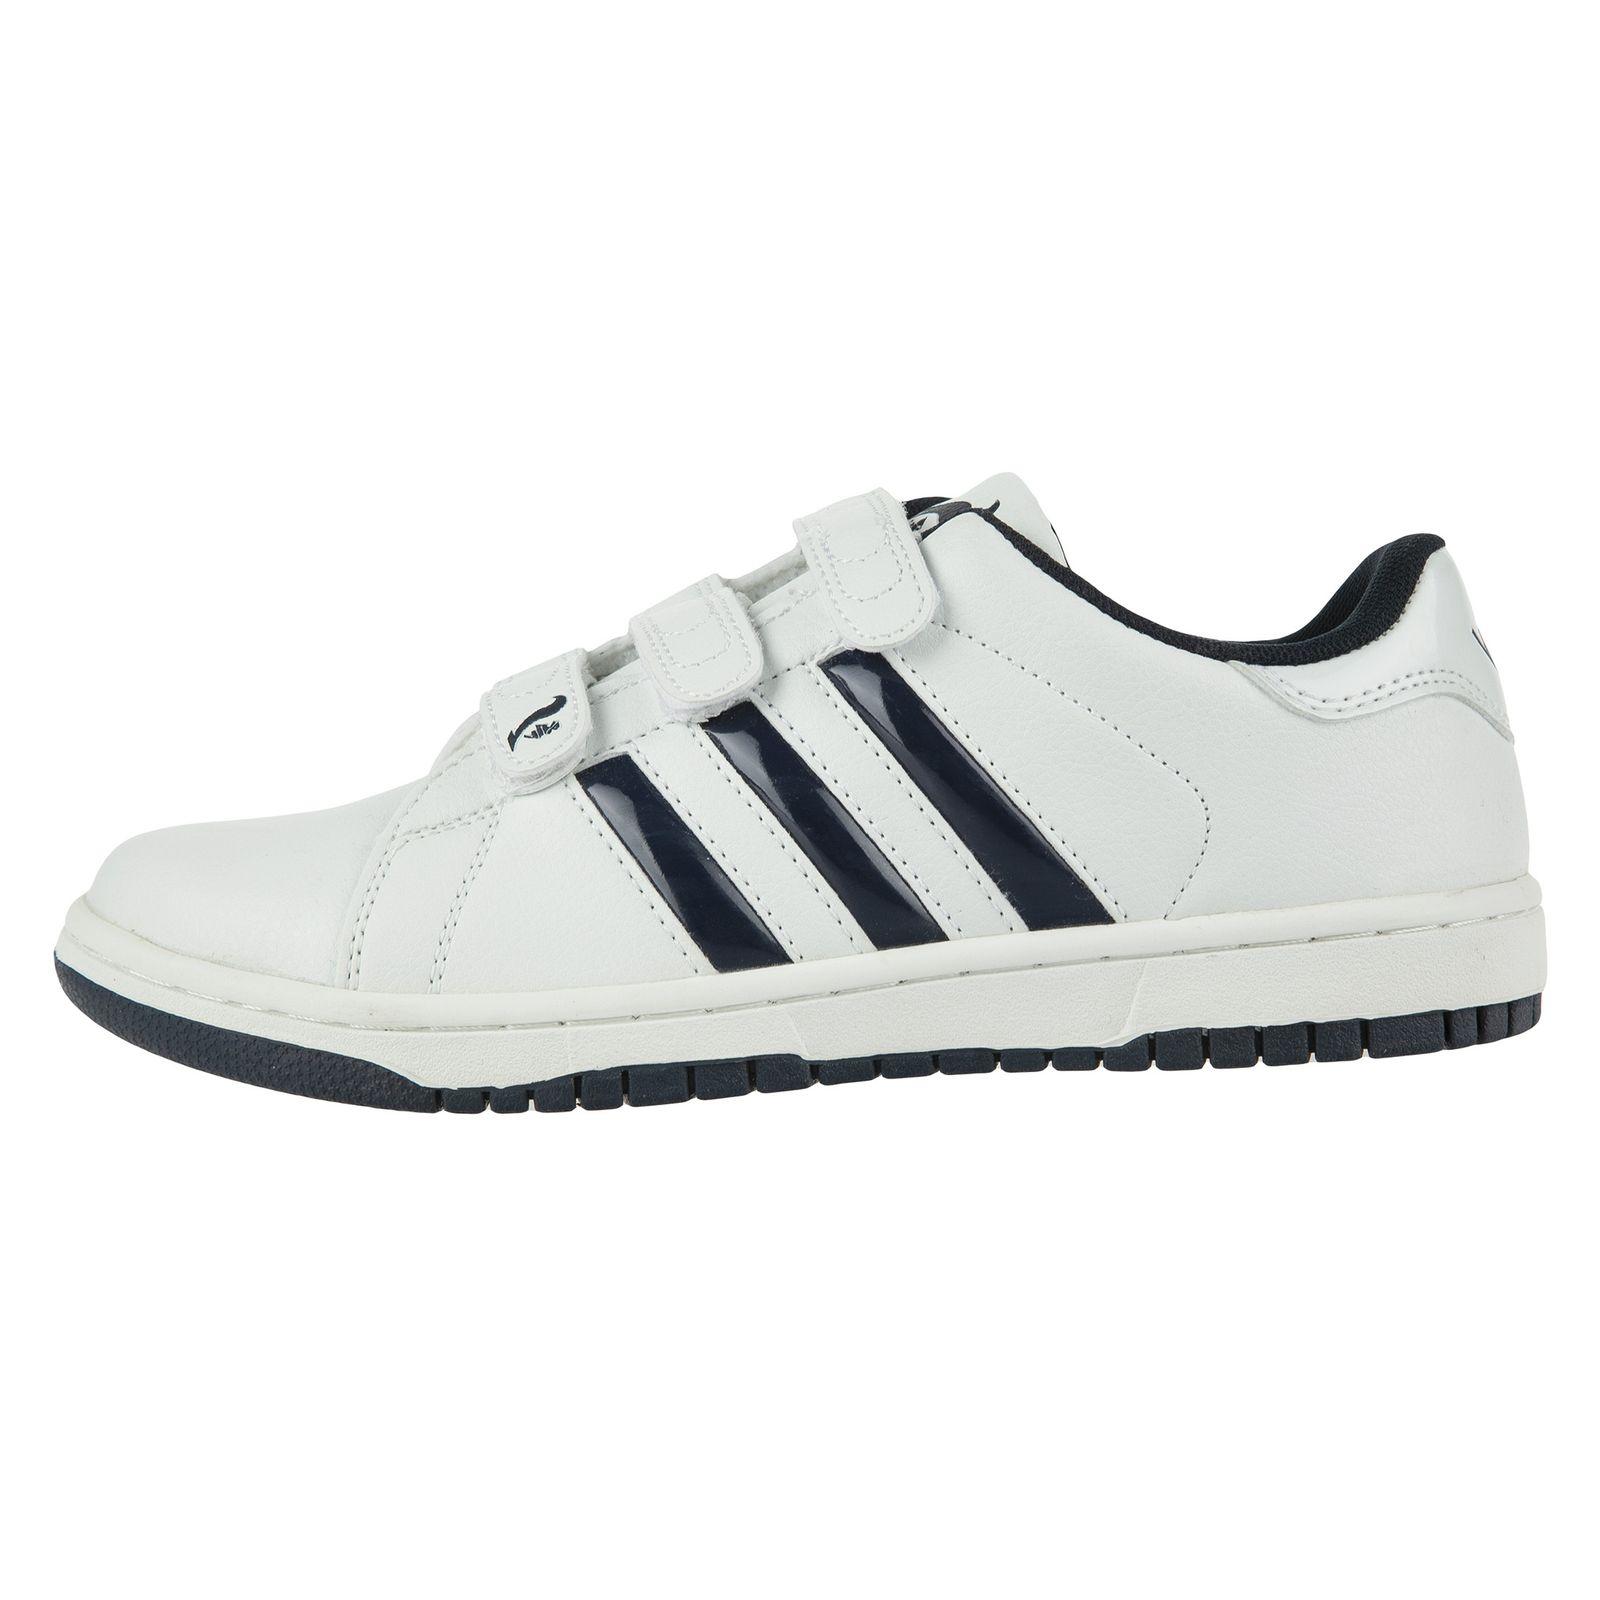 کفش مخصوص پیاده روی زنانه ویوا کد B3617 -  - 1